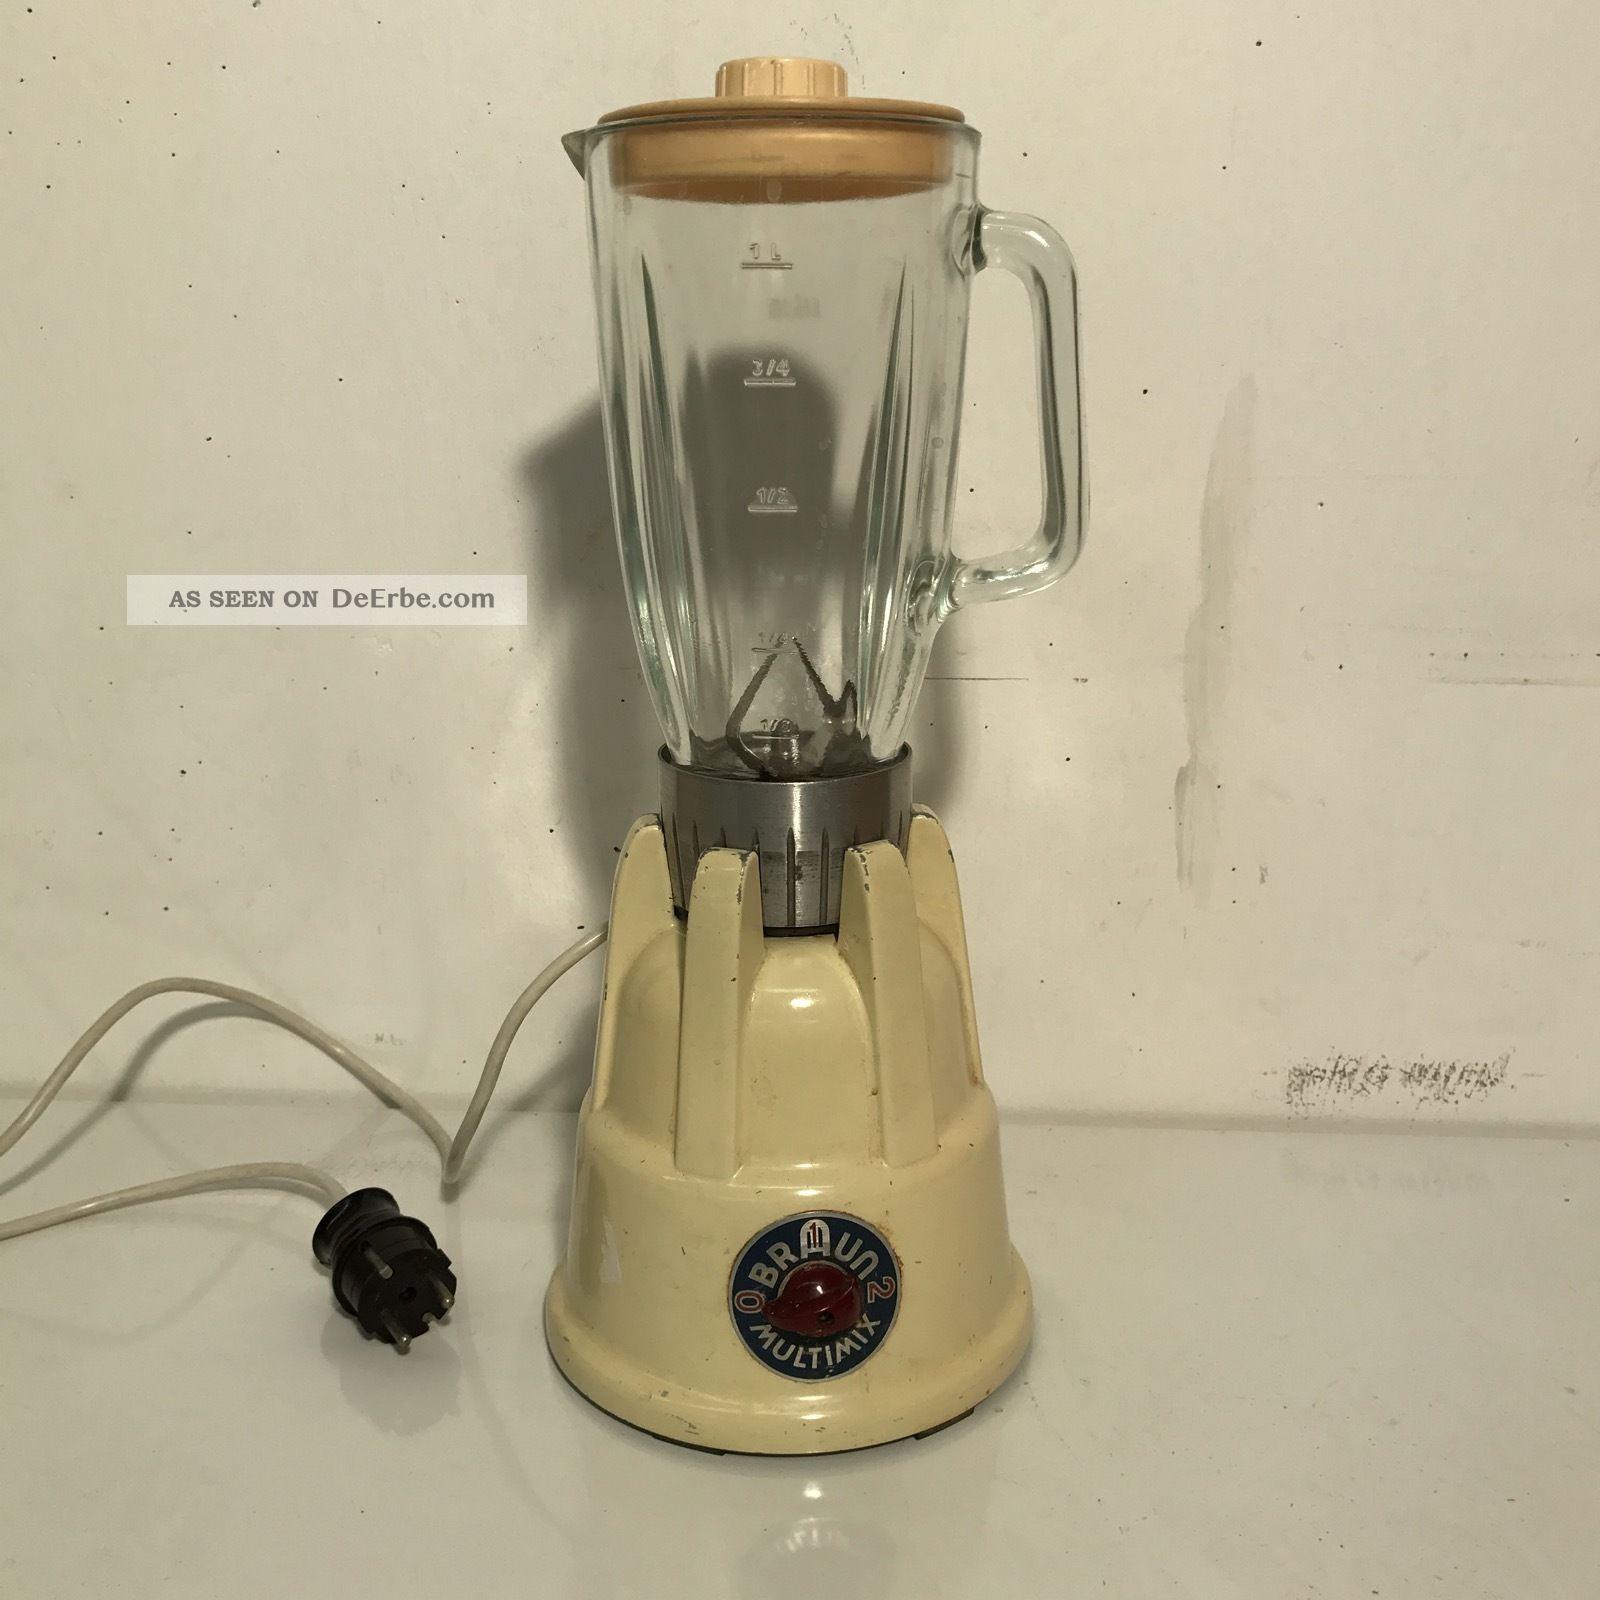 Vintage Braun Multimix 155380 Standmixer 50er 60er Jahre 1950-1959 Bild